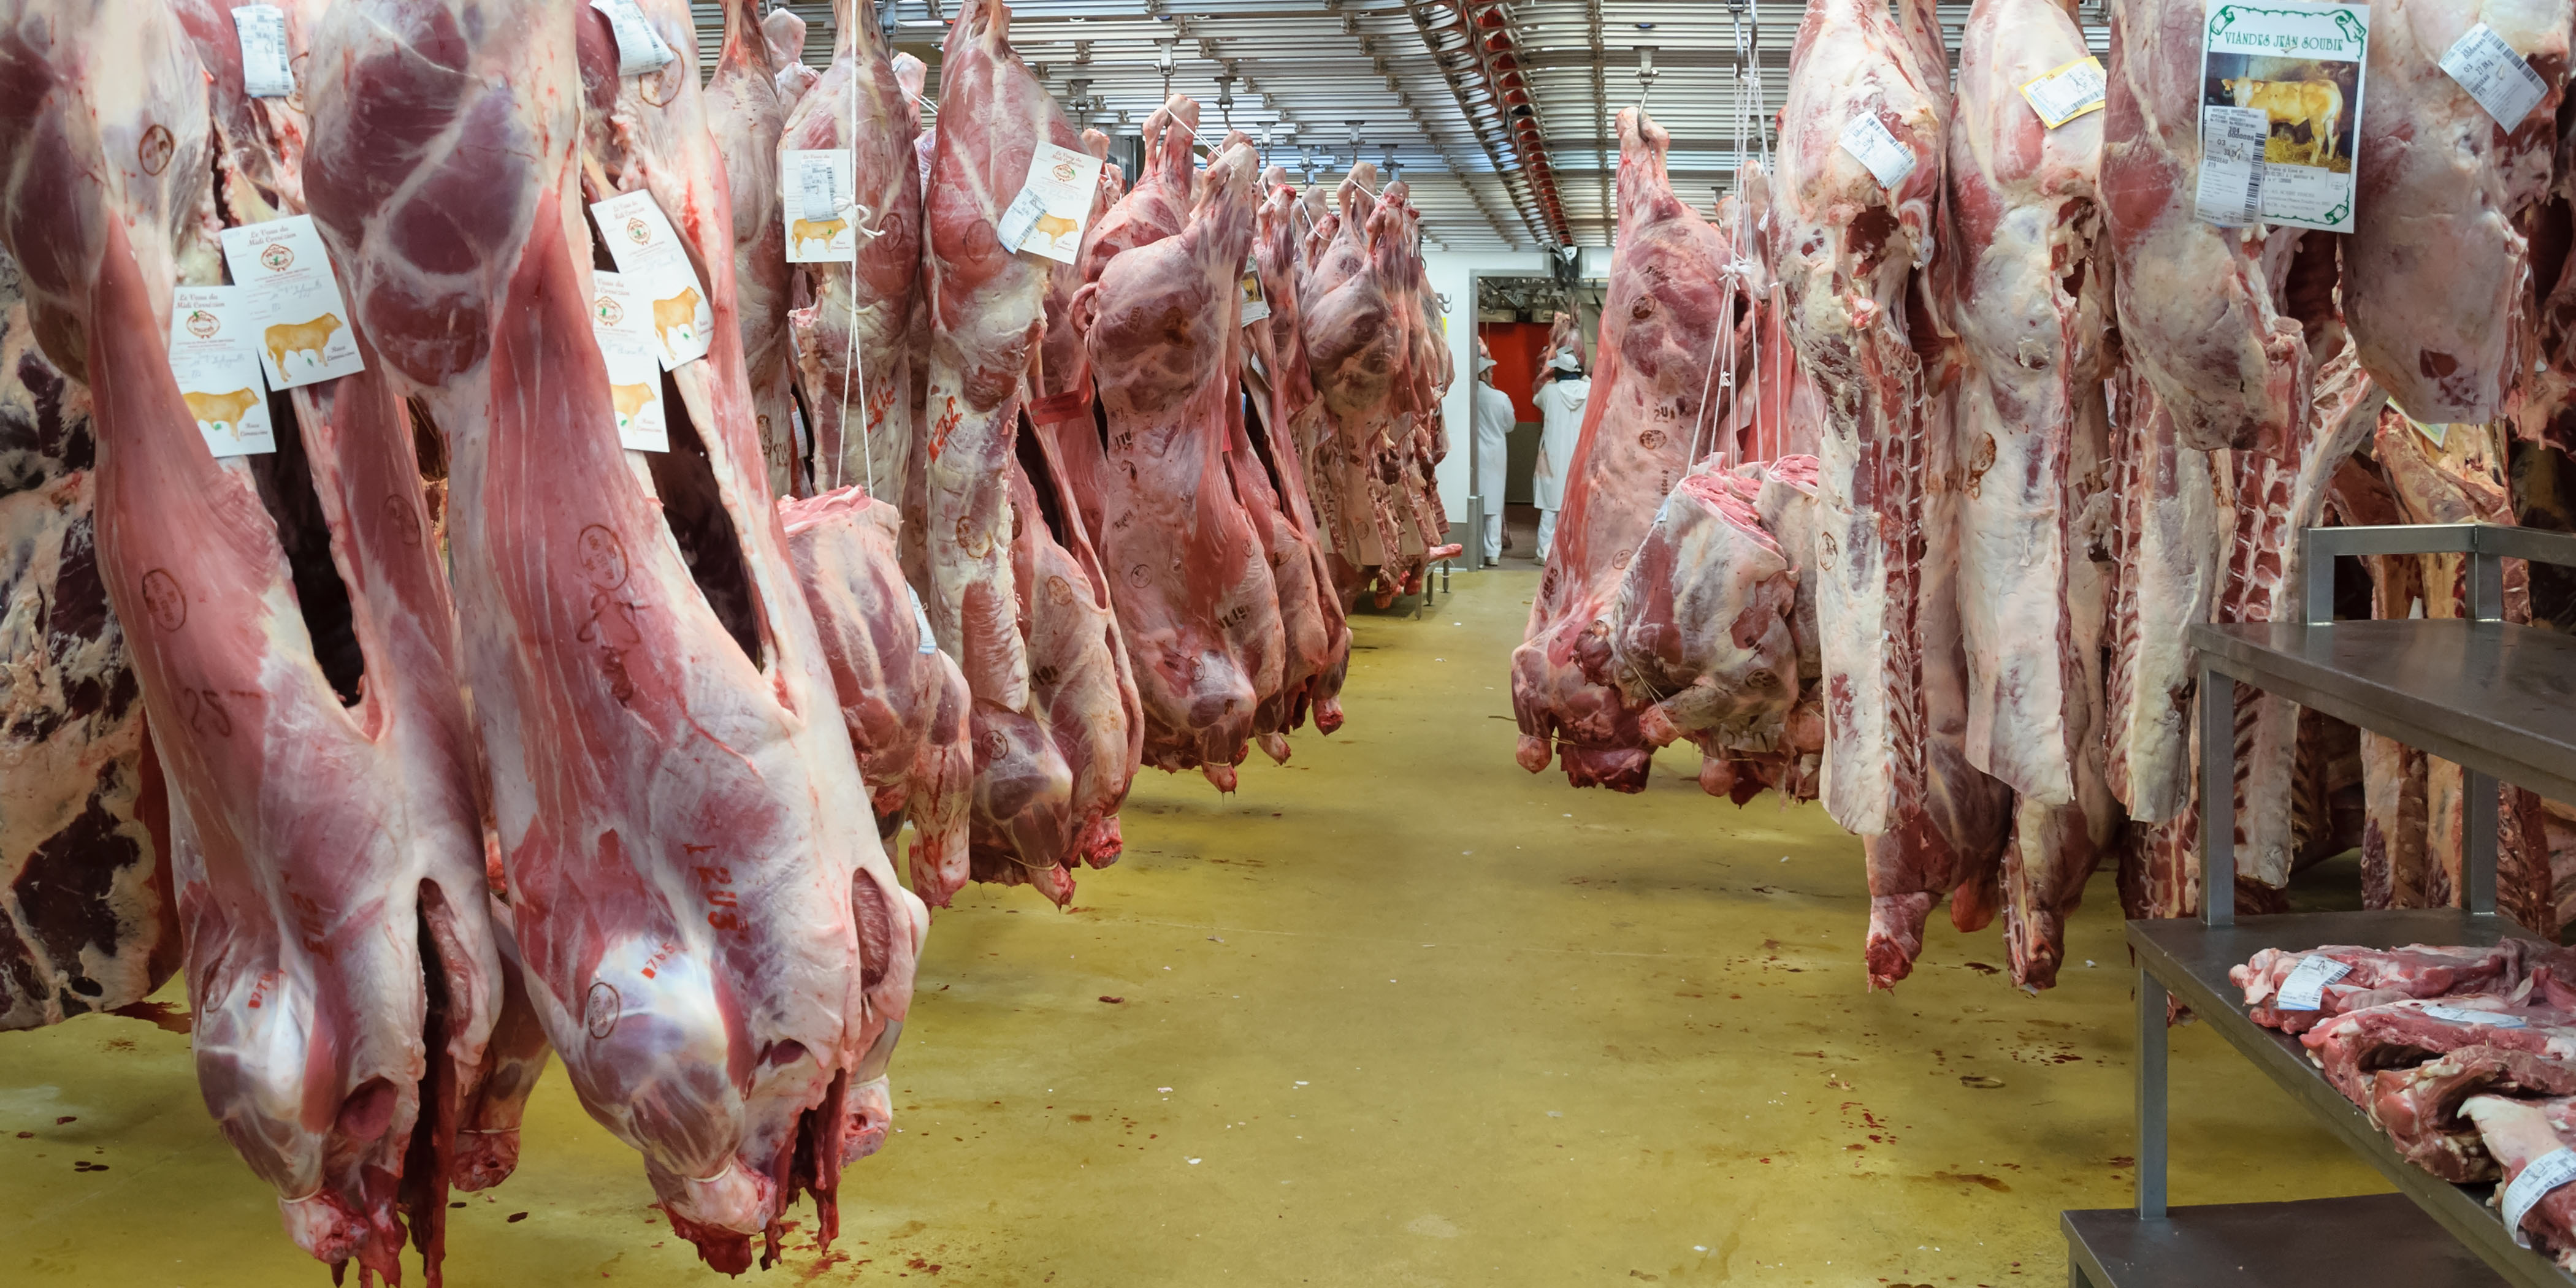 Belgique : l'interdiction de l'abattage sans étourdissement approuvée en Wallonie